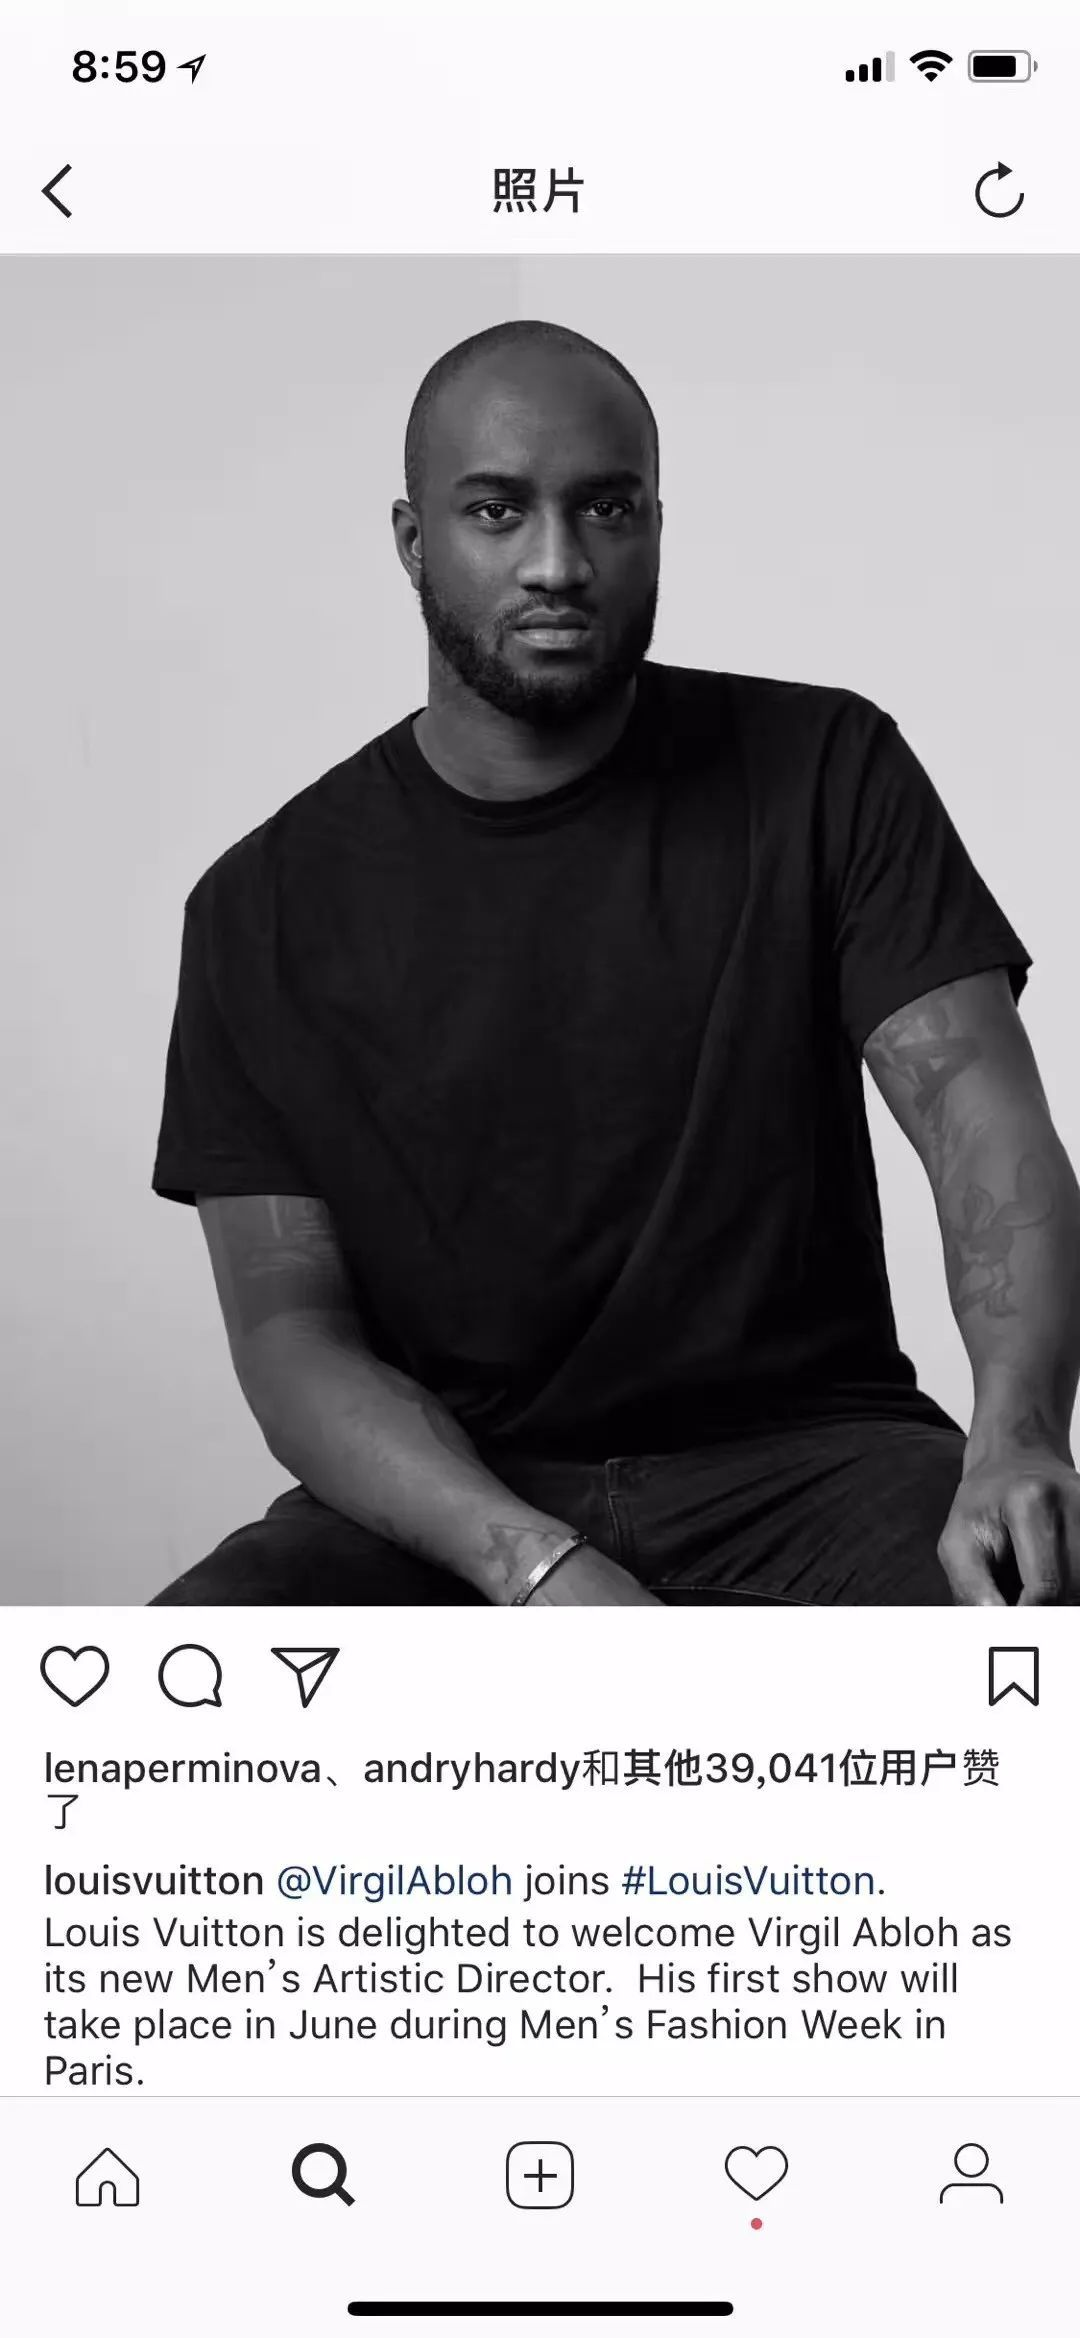 快讯|LV任命Virgil Abloh为男装创意总监、Alexander McQueen举办2018春夏活动、迪丽热巴为蜡像揭幕